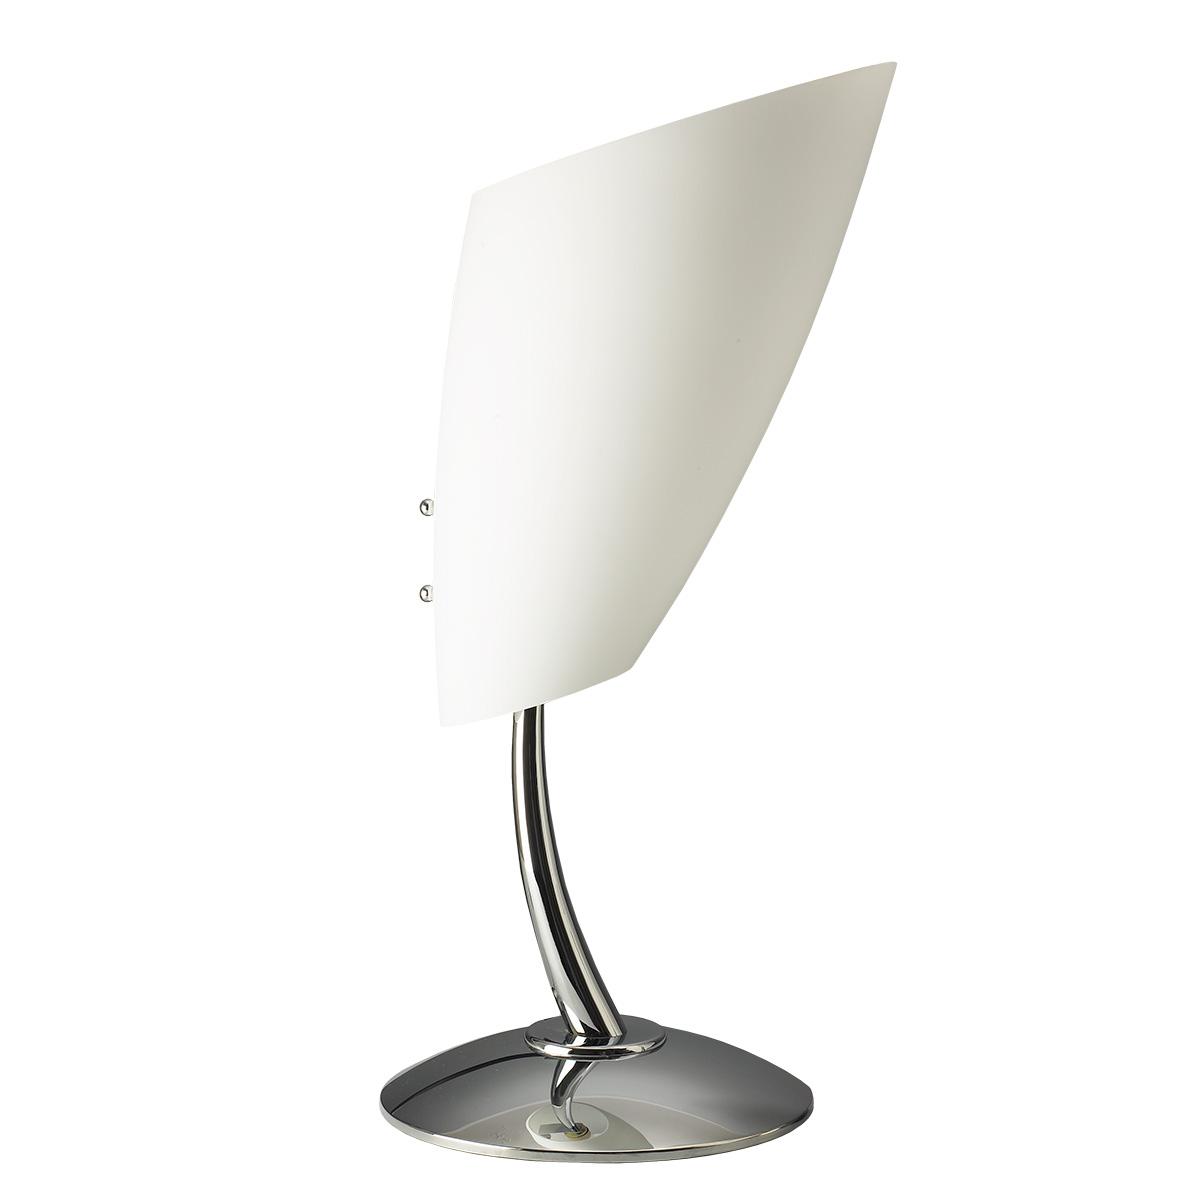 Μοντέρνα λάμπα Μουράνο DONNA modern Murano lamp